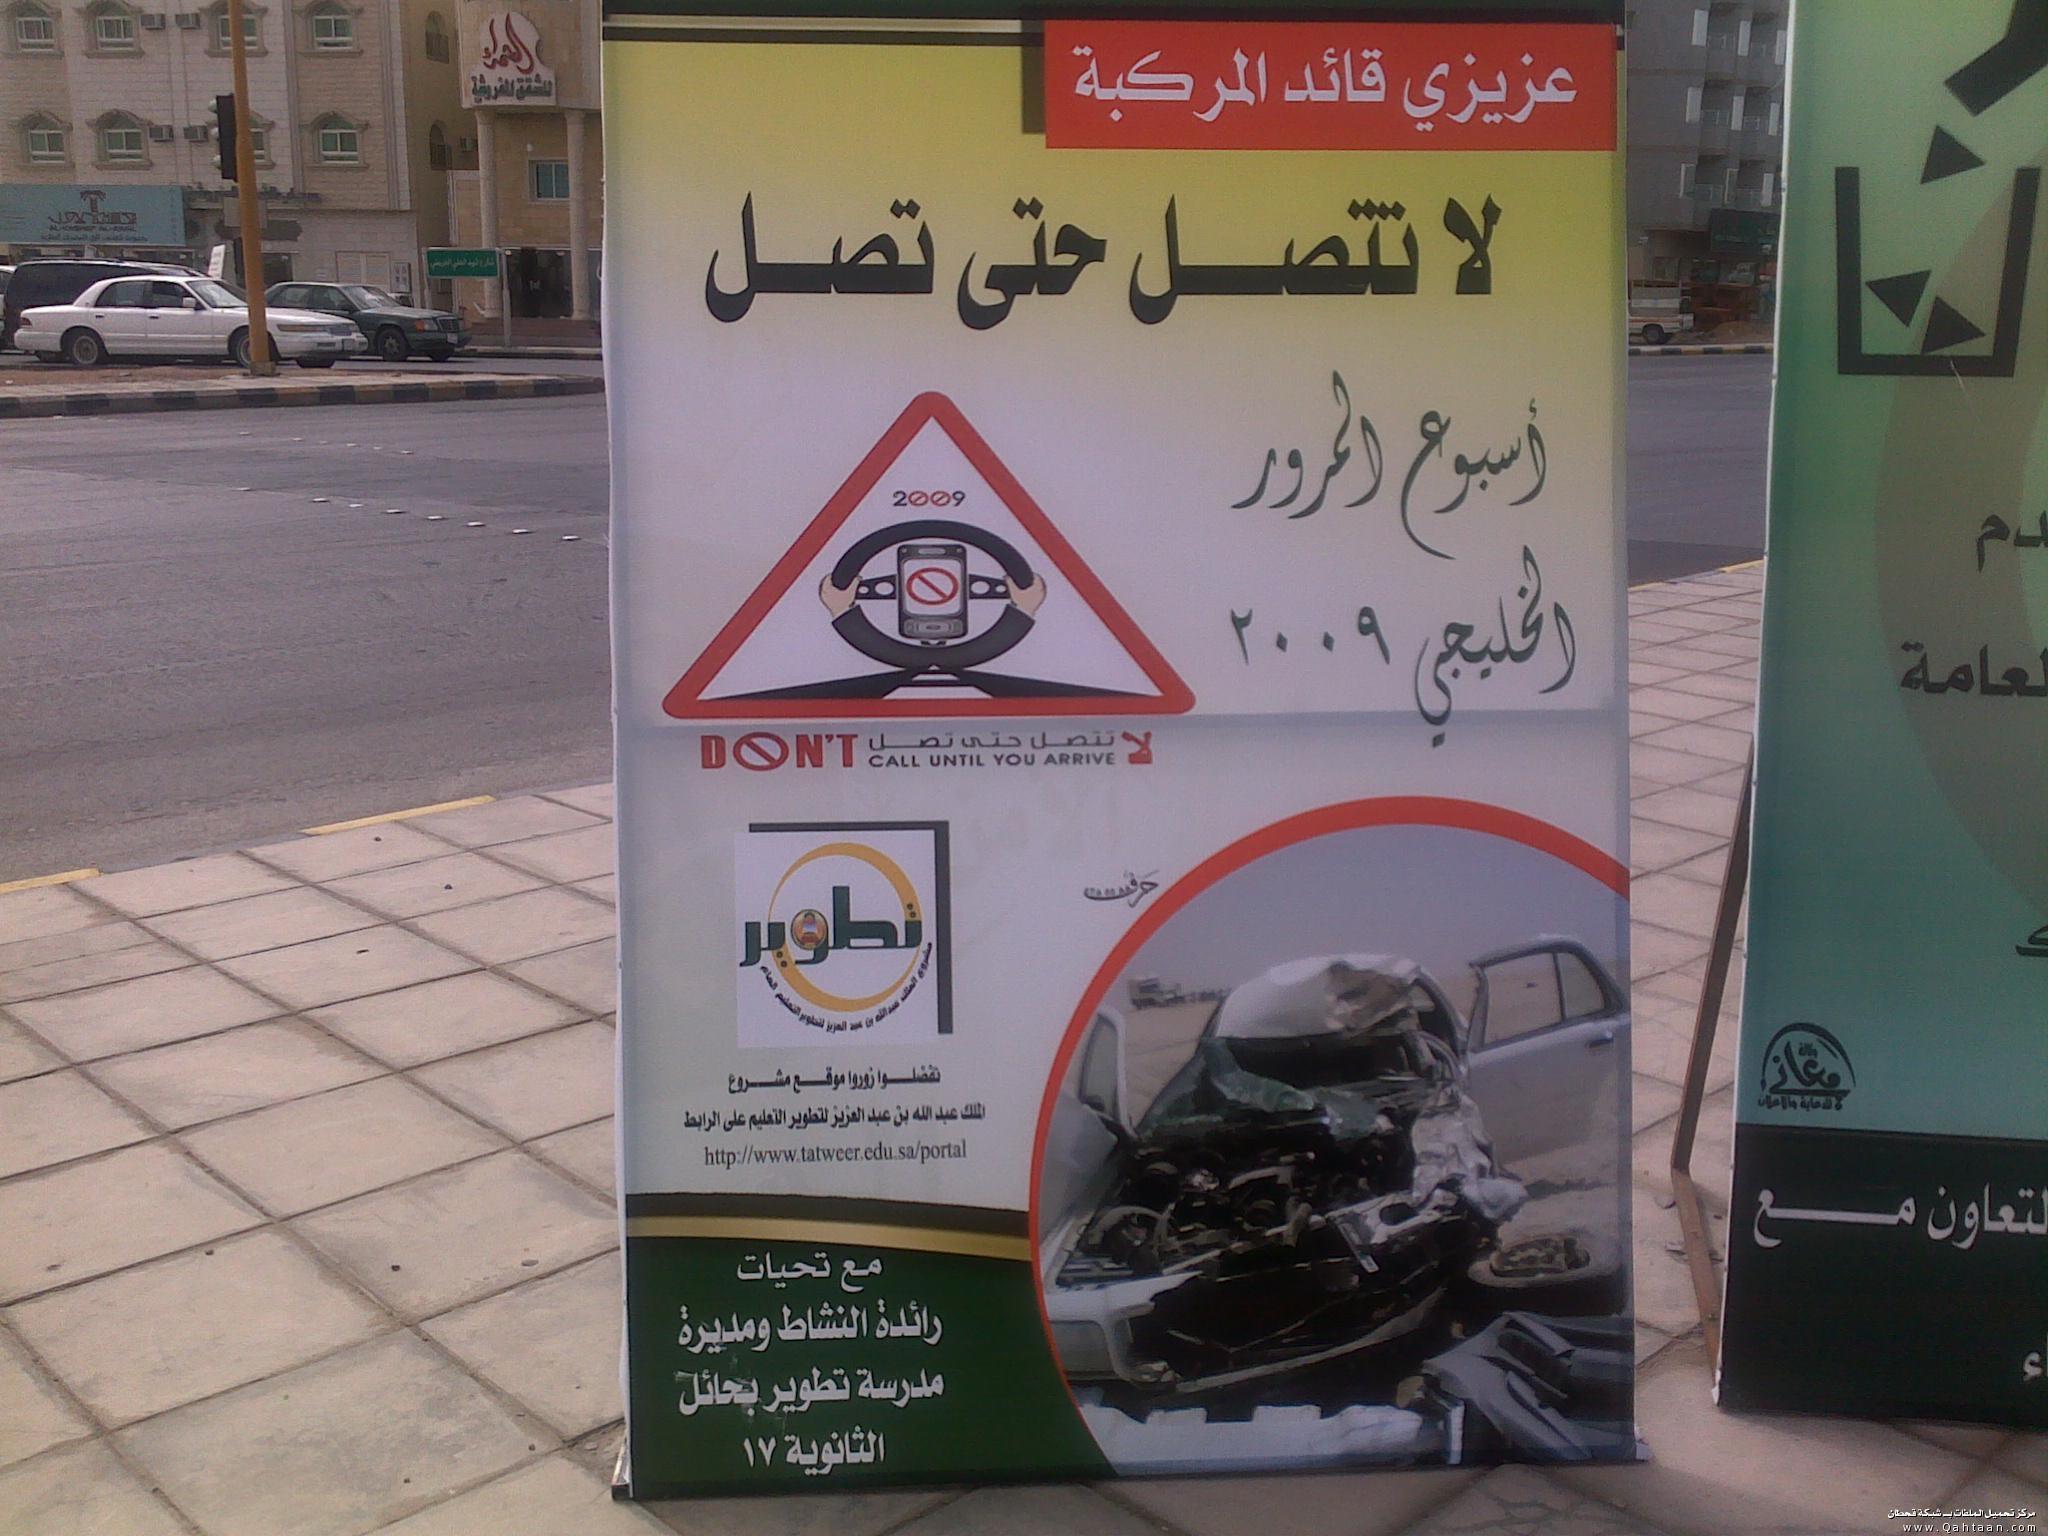 الموضوع أسبوع المرور الخليجي 2009 في ث17